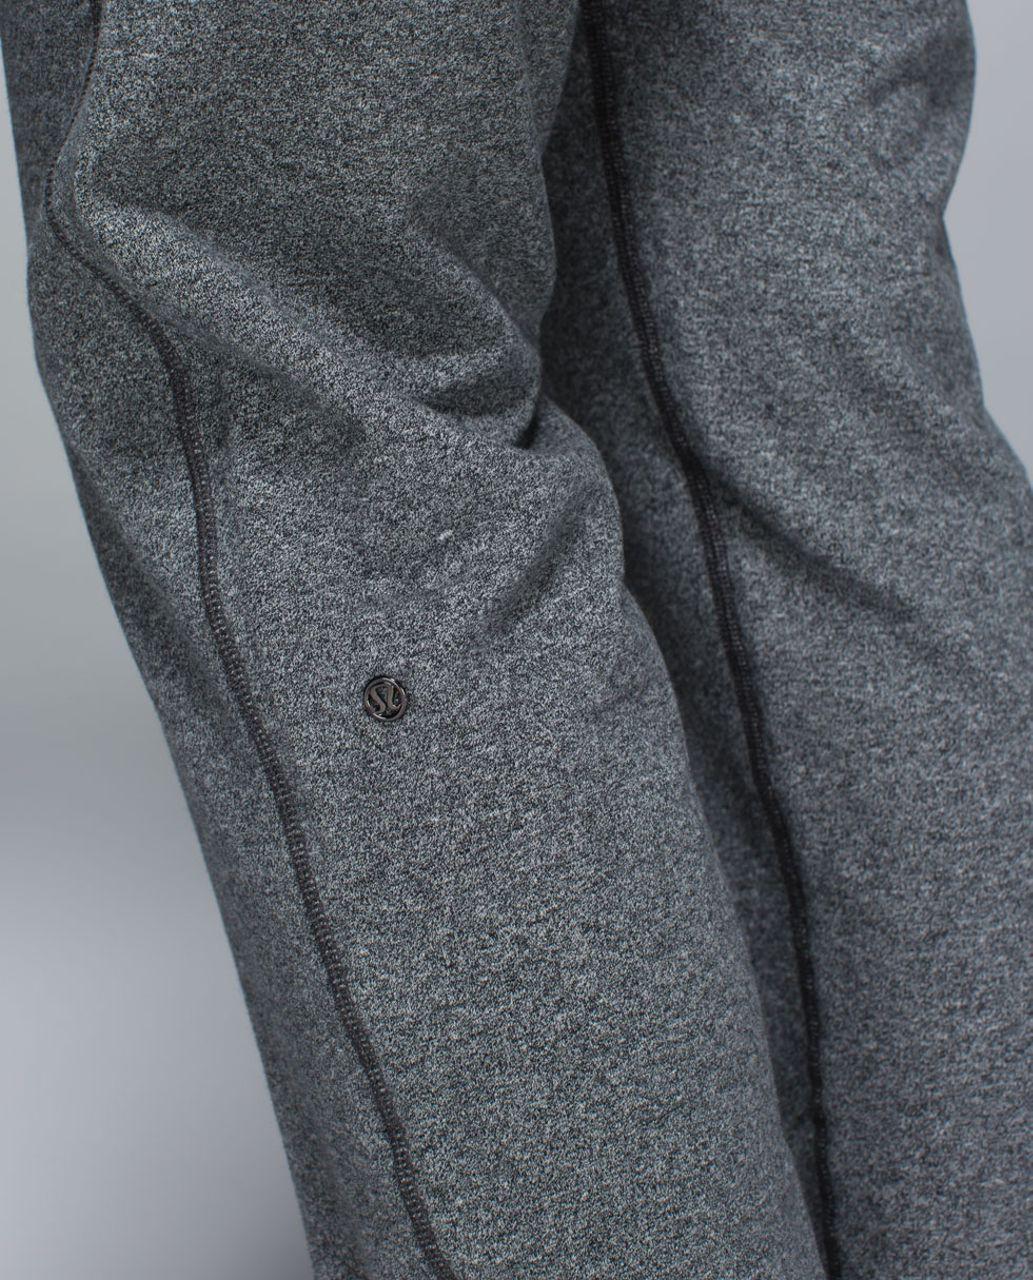 Lululemon Sattva Pant II - Heathered Speckled Black / Black